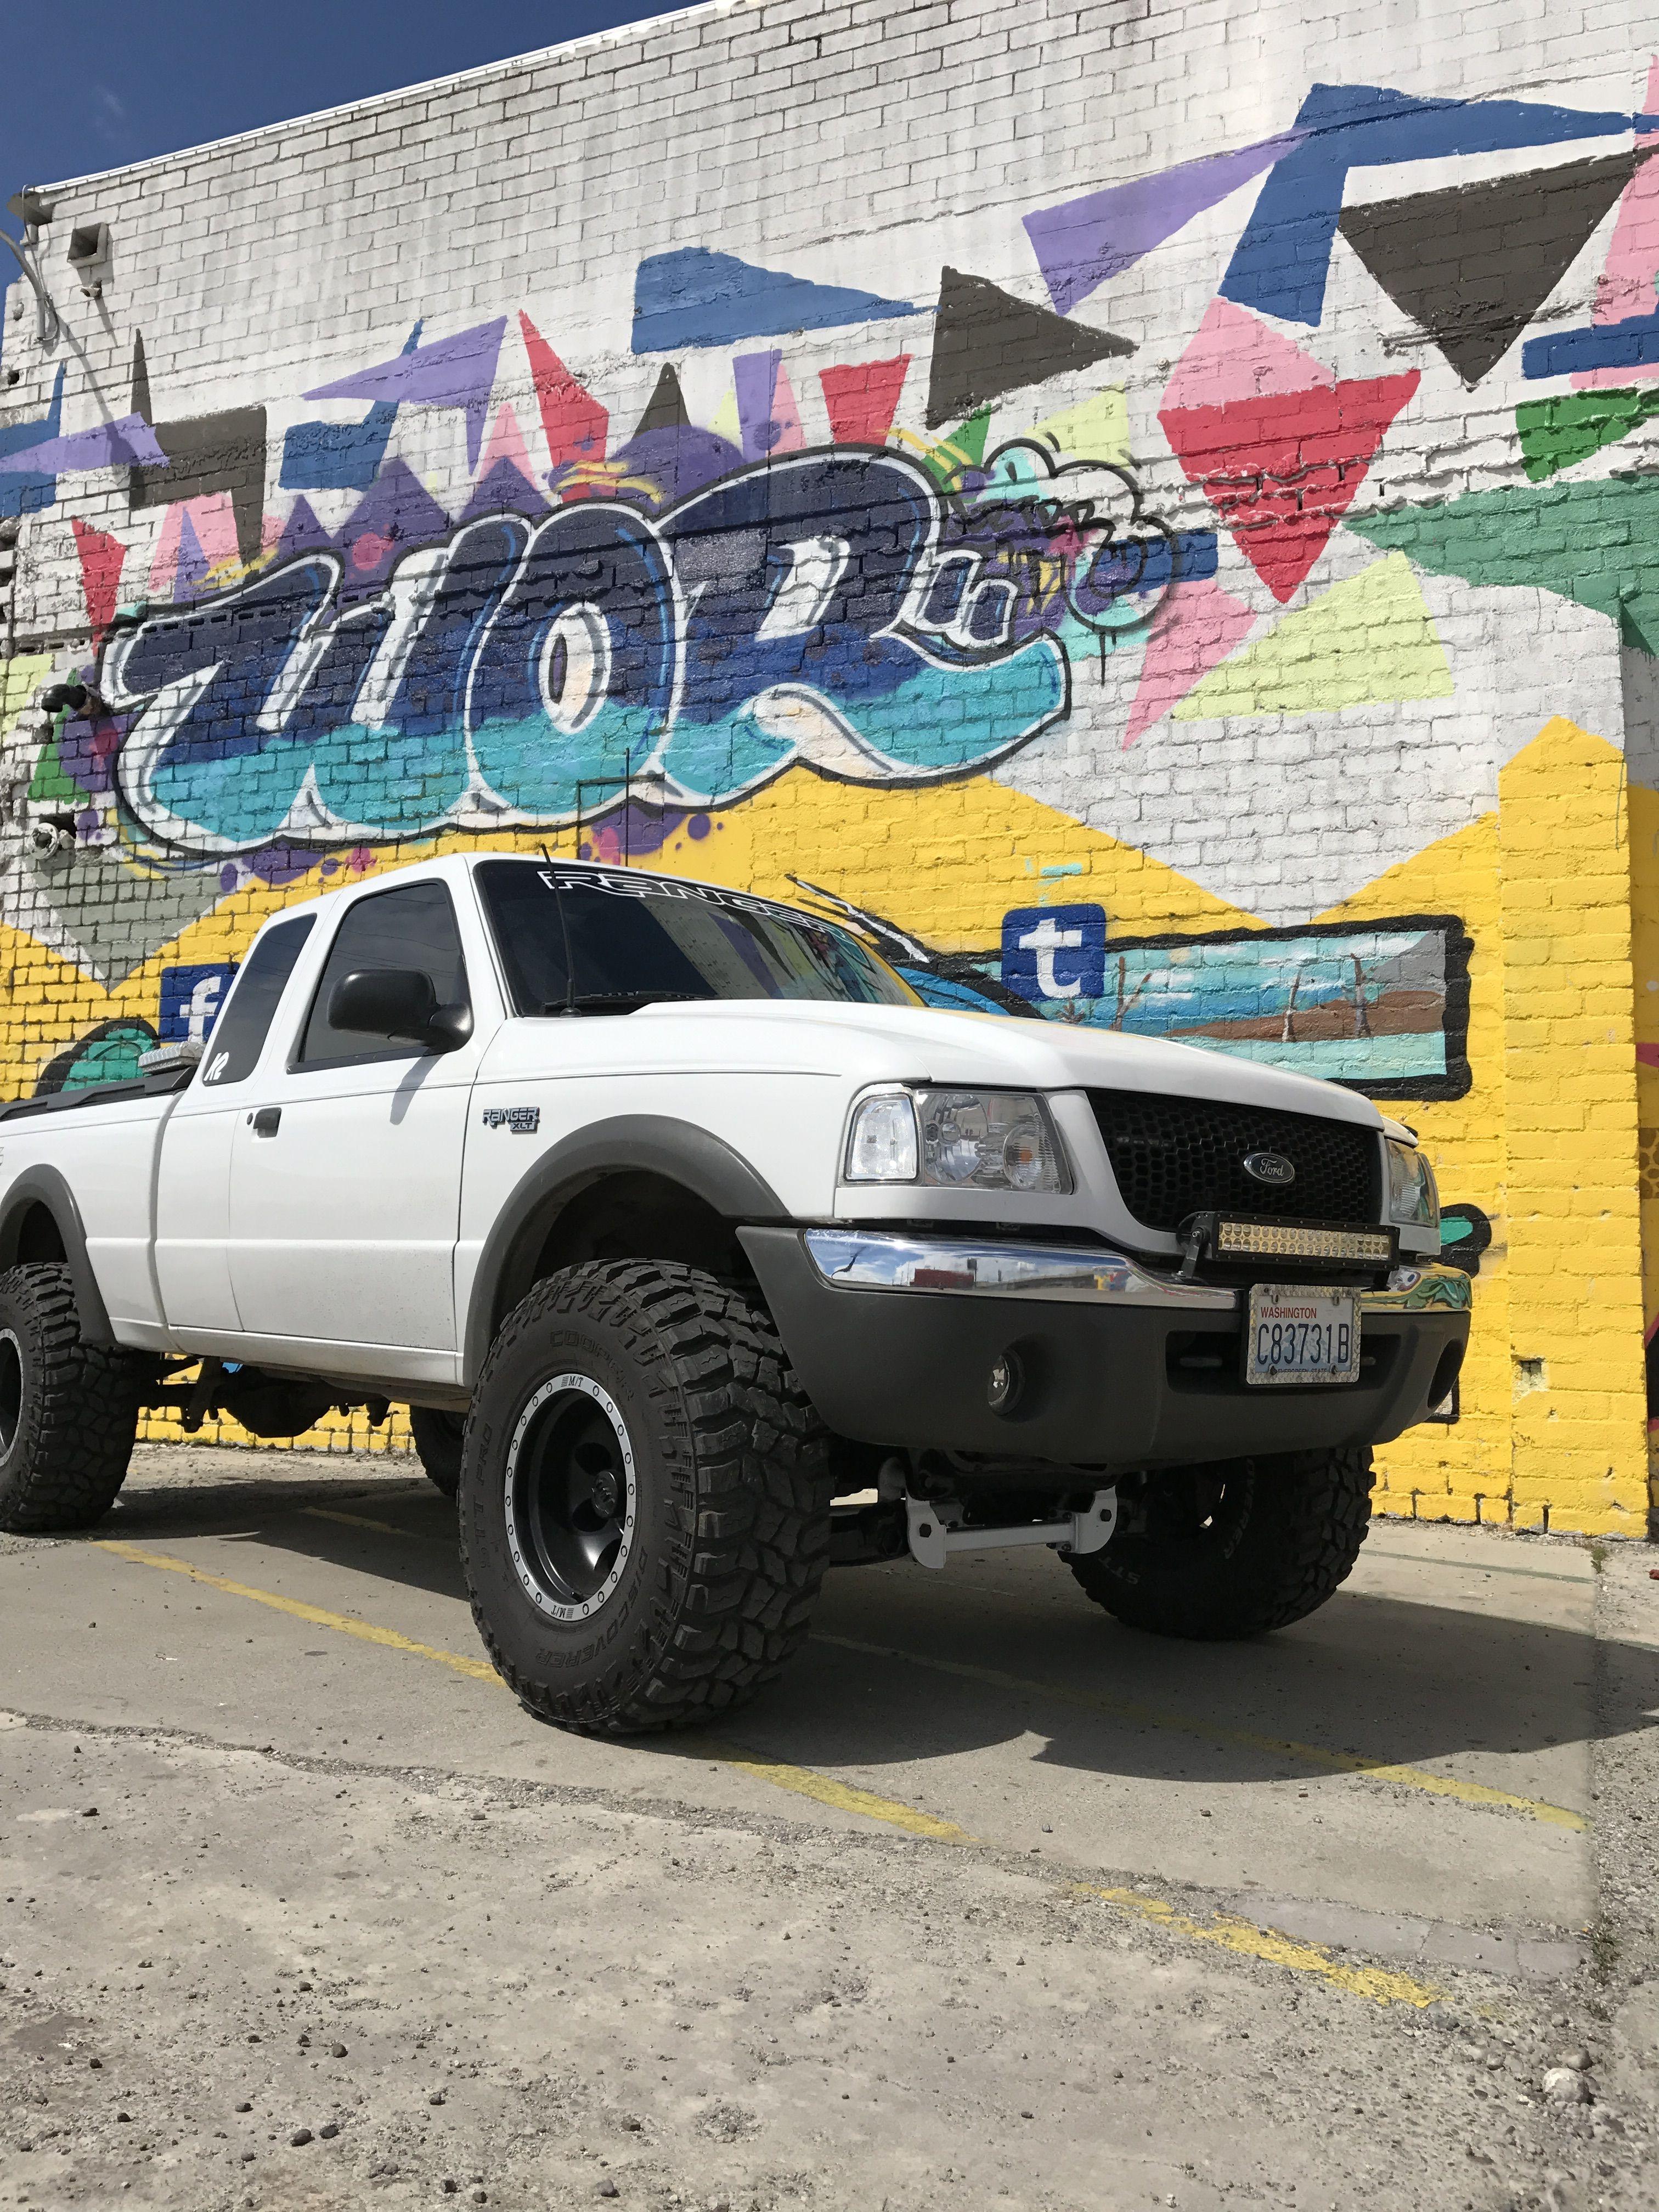 2001 Superlifted Ford Ranger Pickup Trucks Ford Ranger Truck